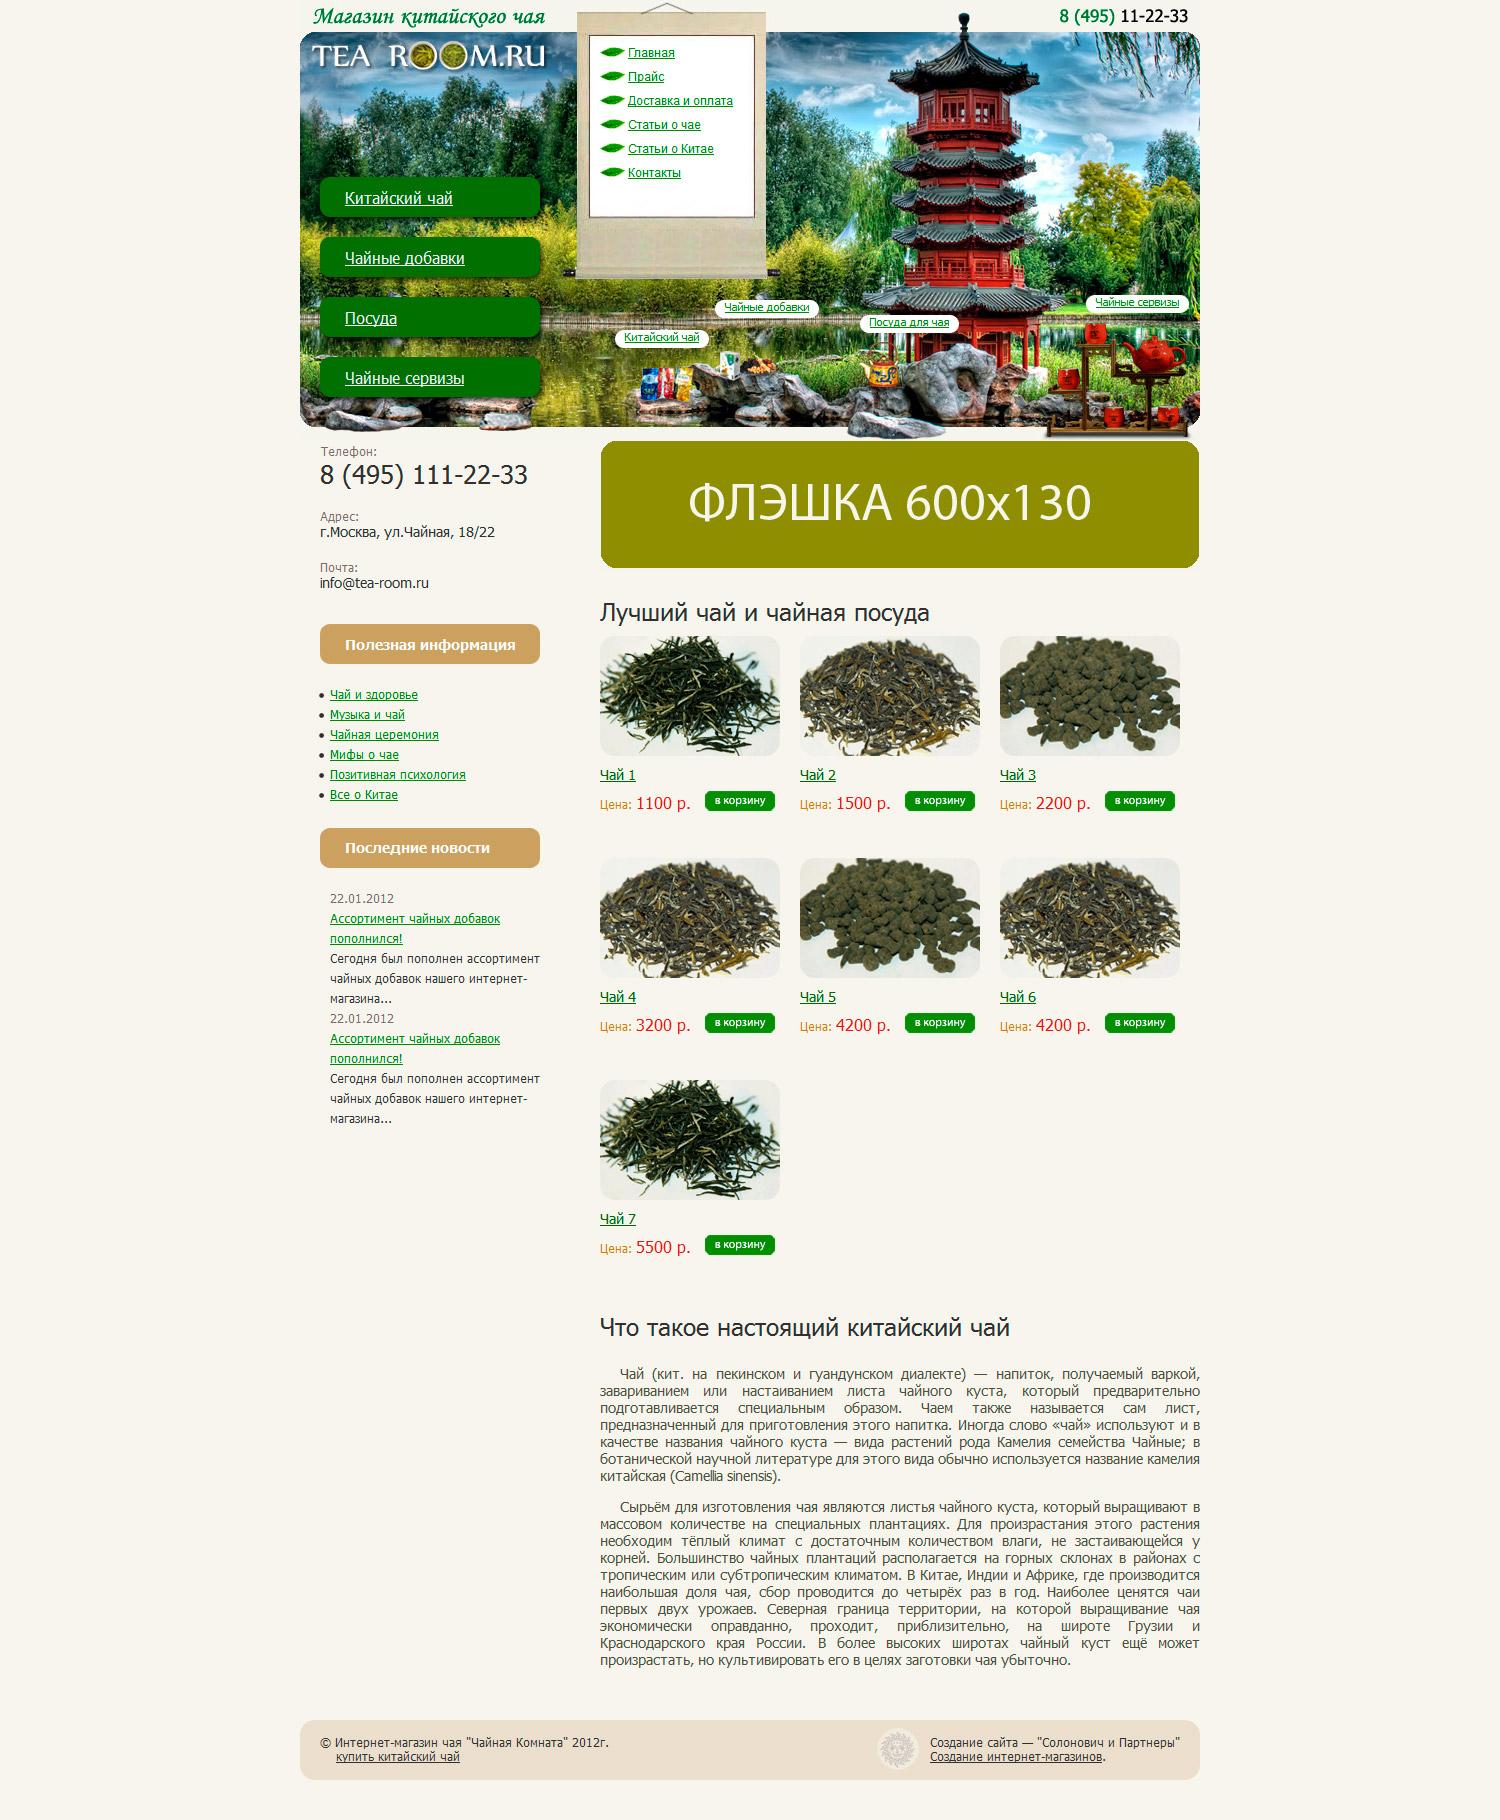 Дизайн, верстка и программирование интернет-магазина китайского чая TEA-ROOM.RU